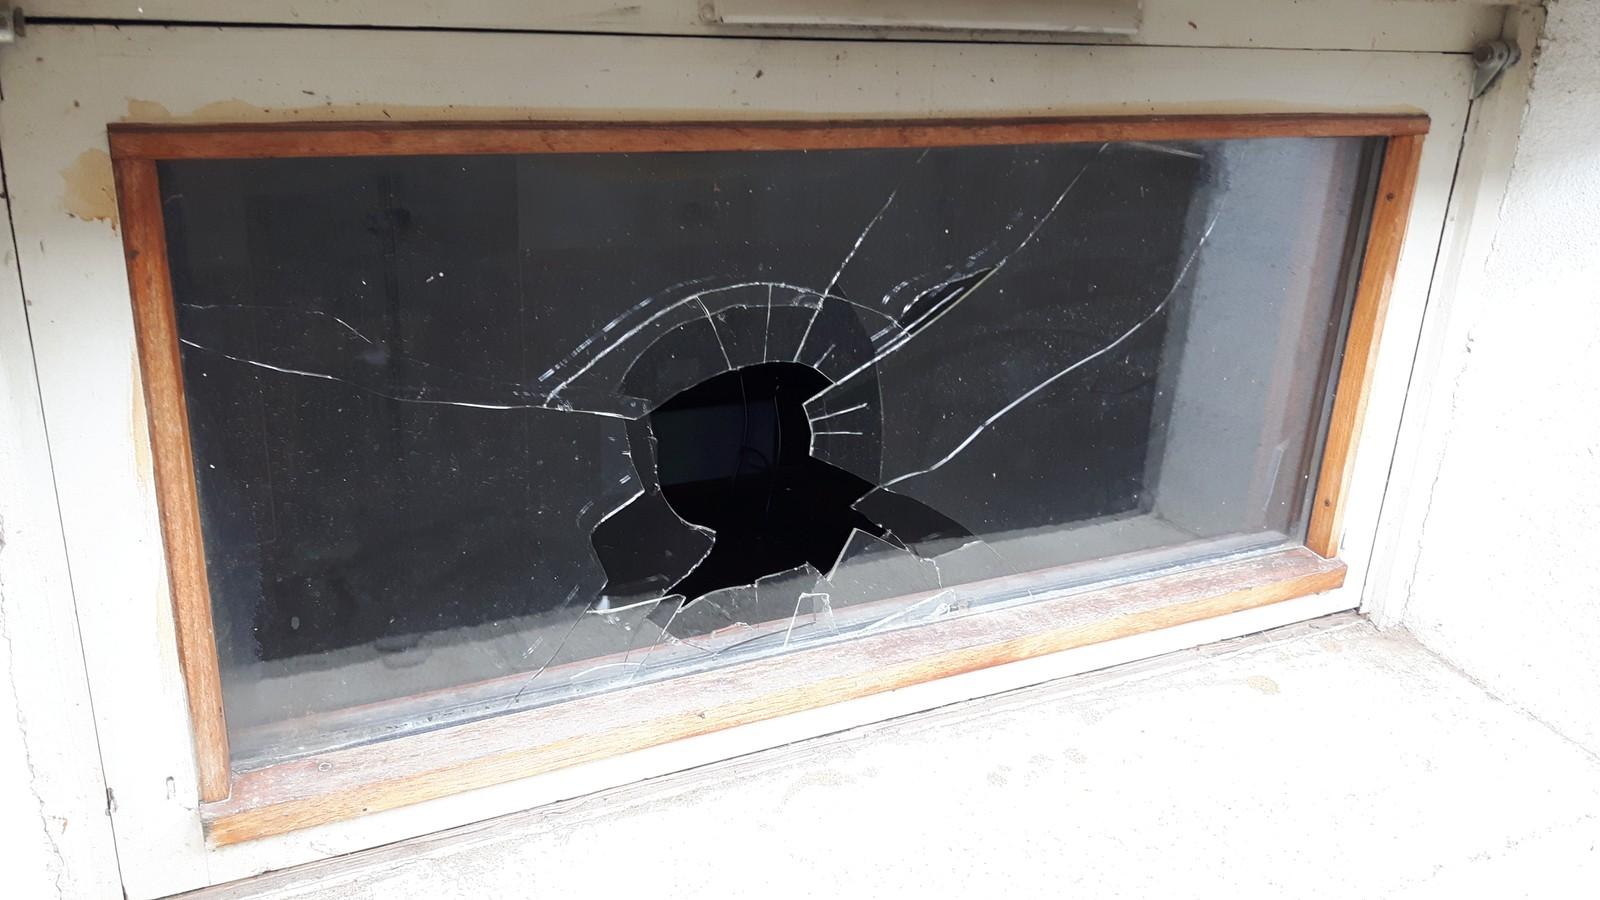 Det helt nye skolebygget for småskolen og SFO har blitt utsatt for hærverk. Rådmannen er usikker på om de får den ferdig til skolestart om få uker.